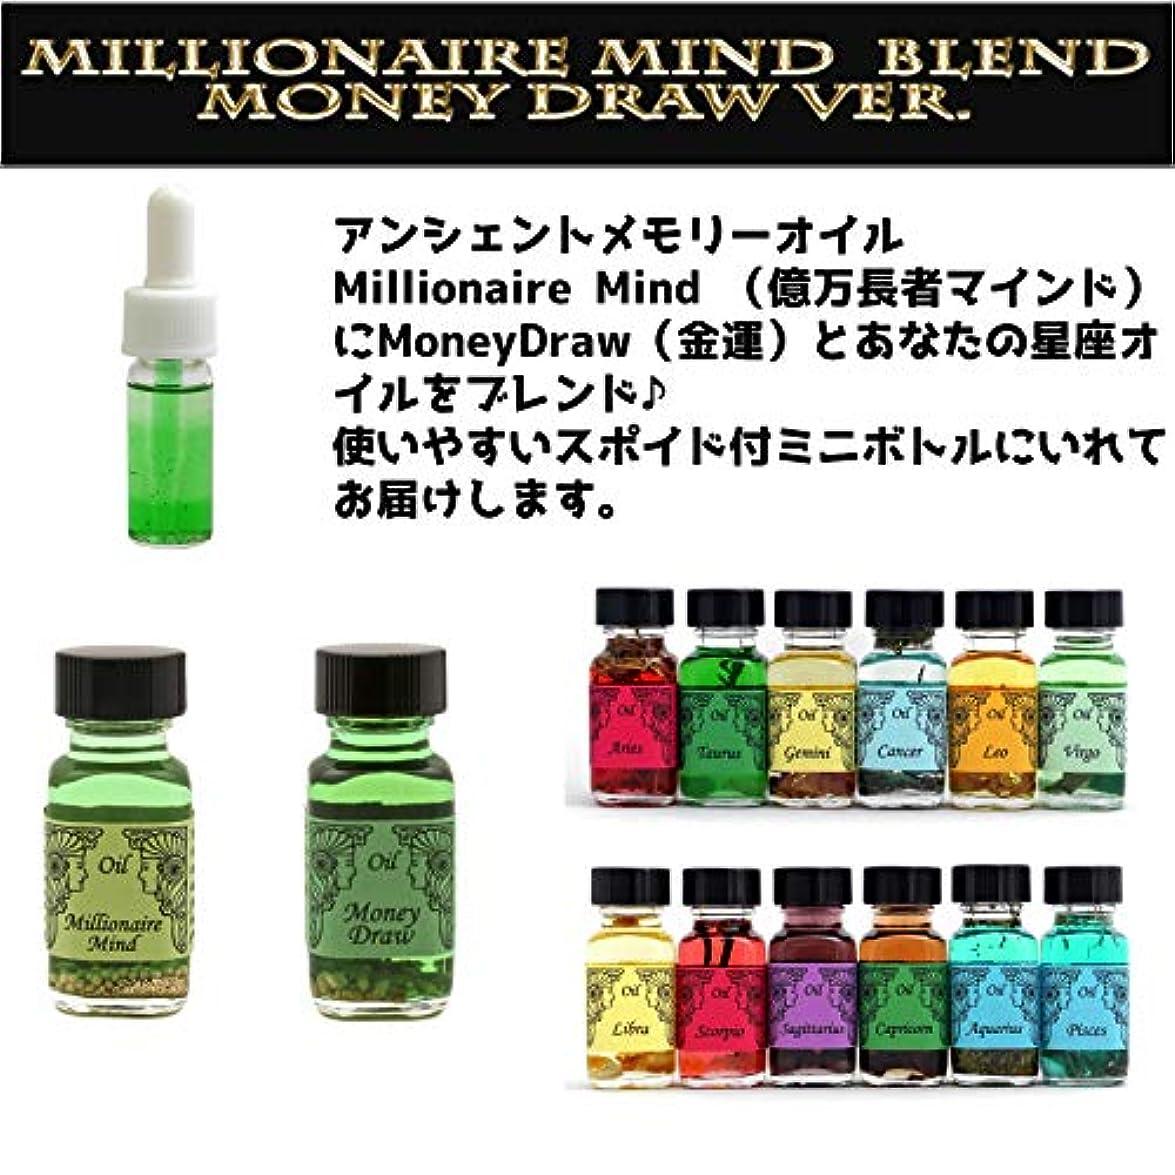 アンシェントメモリーオイル Millionaire Mind 億万長者マインド ブレンド(Money Drawマネードロー(金運)&しし座